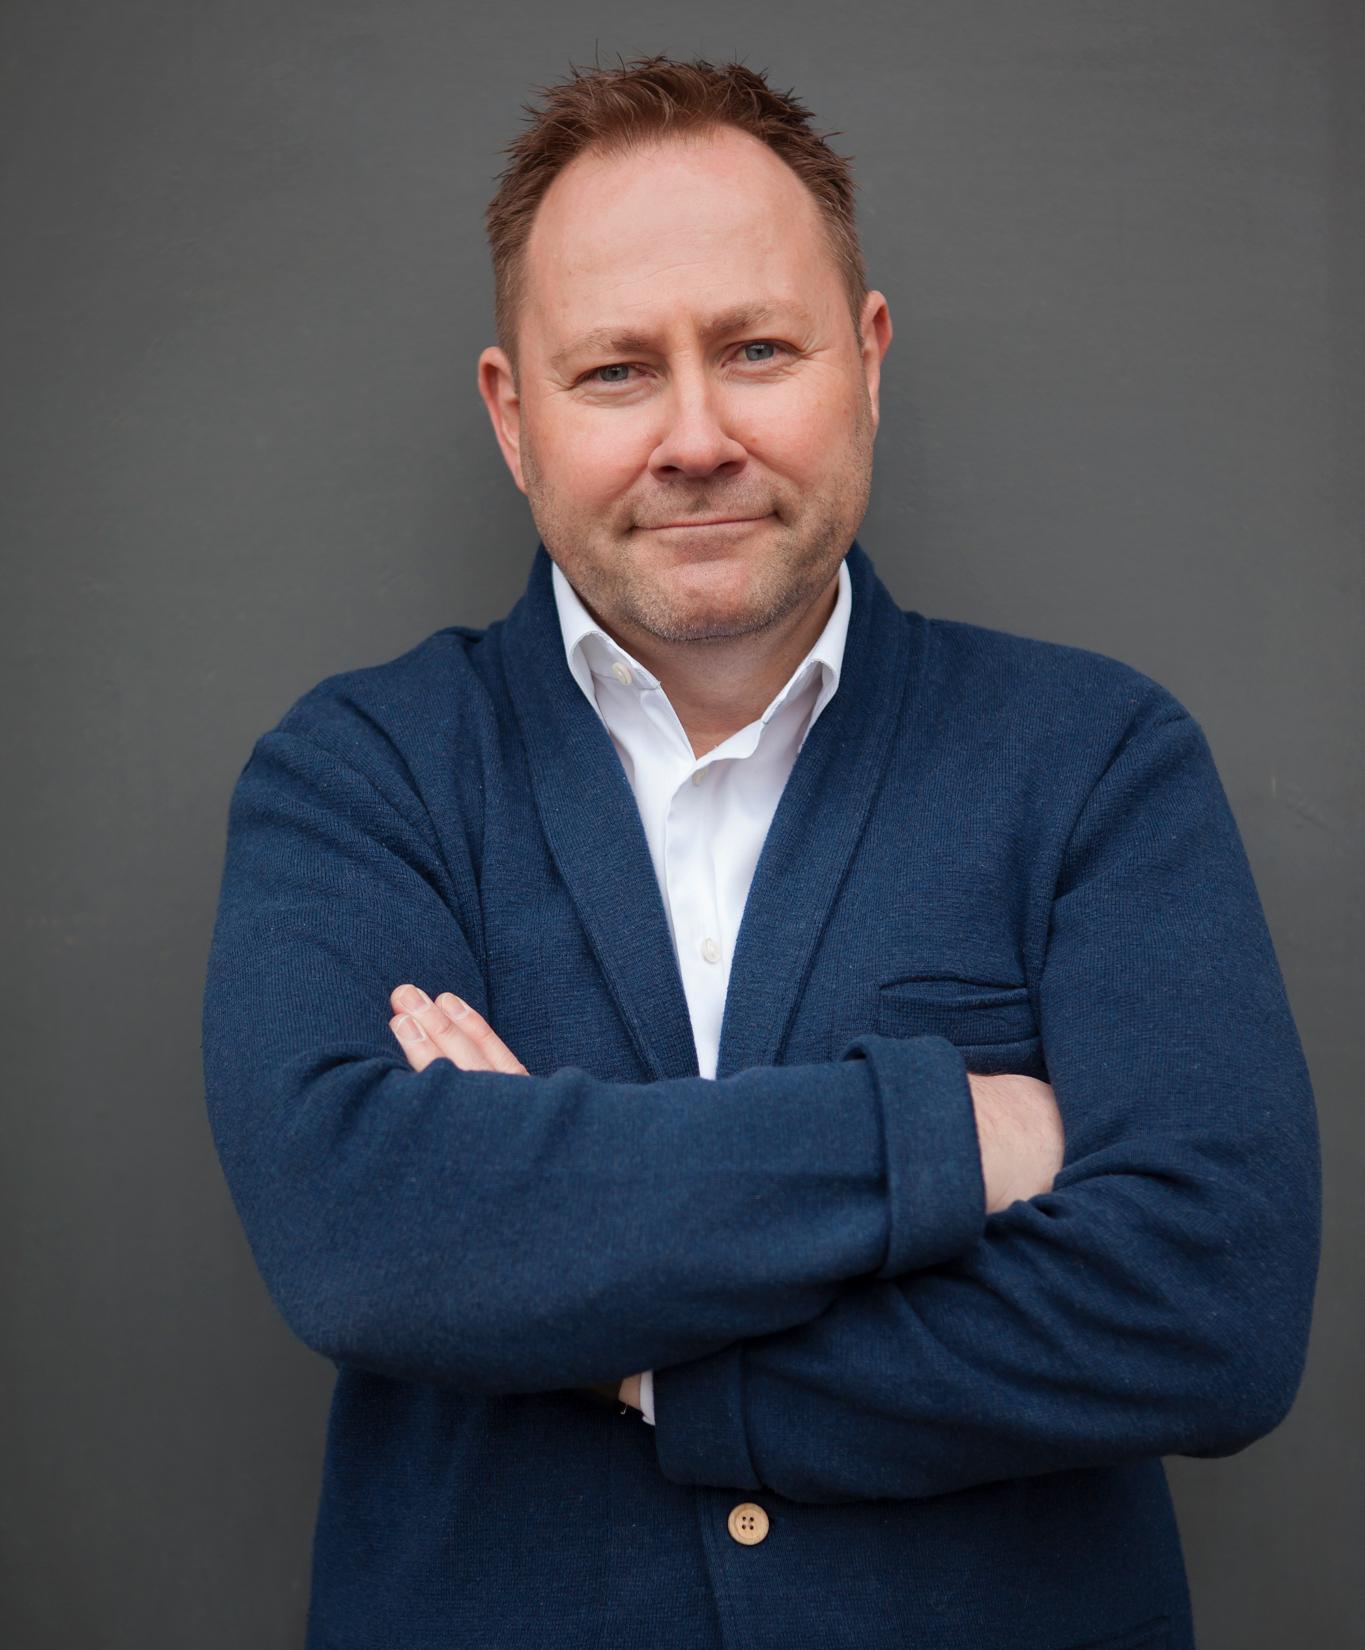 Happybytes-sjef Thomas Sandaker mener Telenor utnytter sin posisjon i markedet.